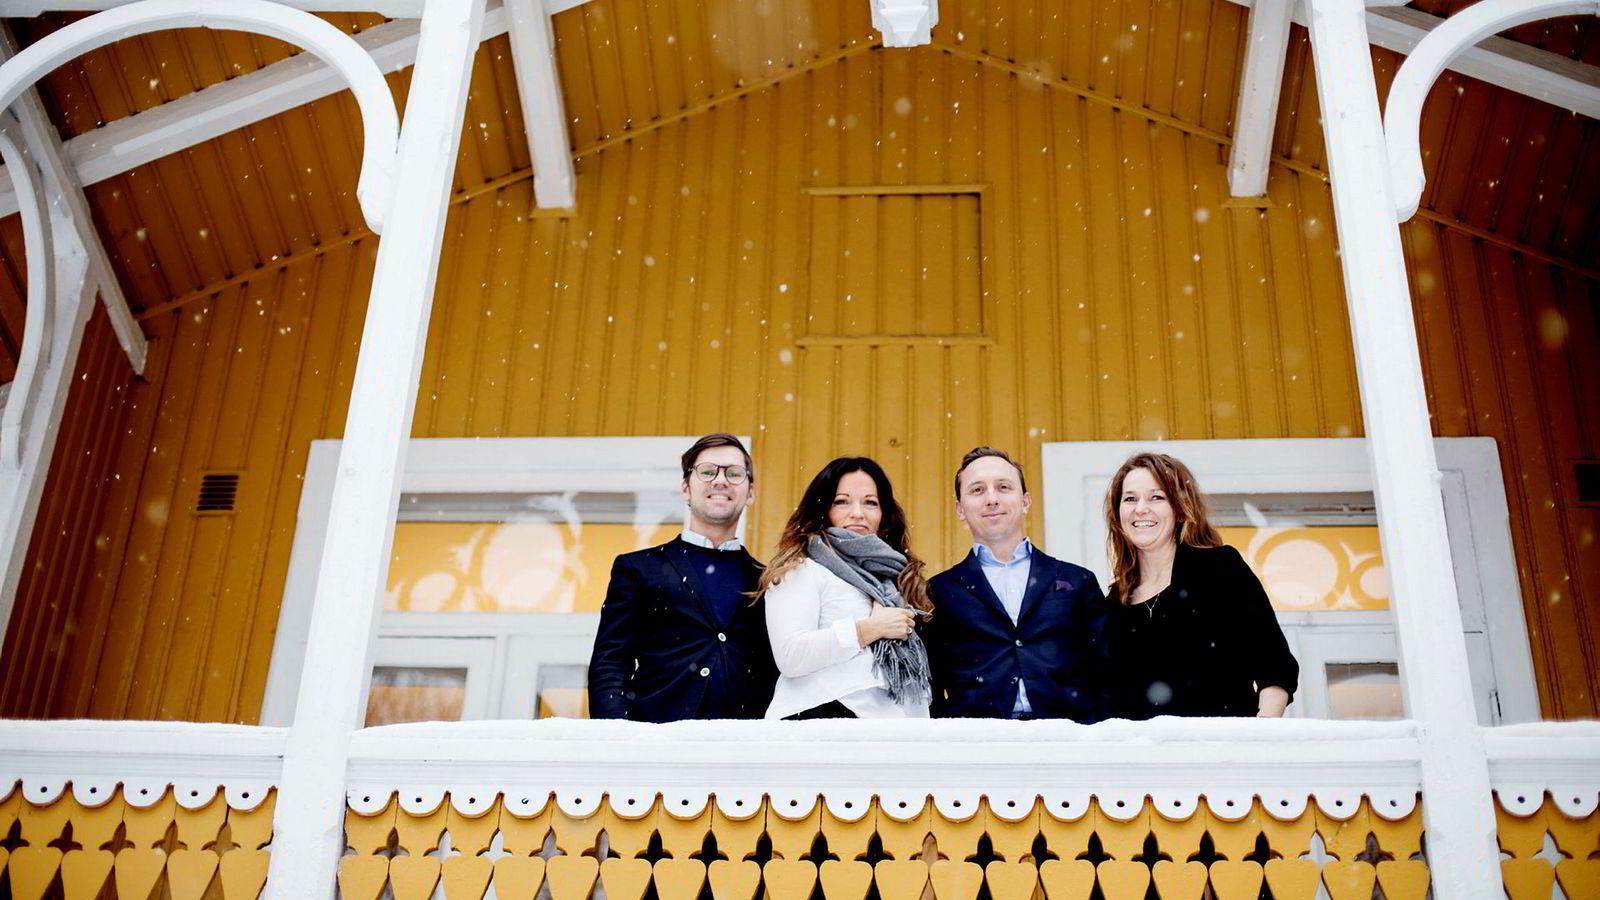 Fra en gul villa på Majorstuen jobber Kolonihagen-sjef Kristina Finne med å bygge nye egne merkevarer for Rema. Her er hun sammen med innovasjonssjef og bryggermester Arnt Ove Dalebø (fra venstre), salg- og markedssjef Paul Rigault og konseptutvikler Heidi Kirkeng Kvaleid (til høyre).